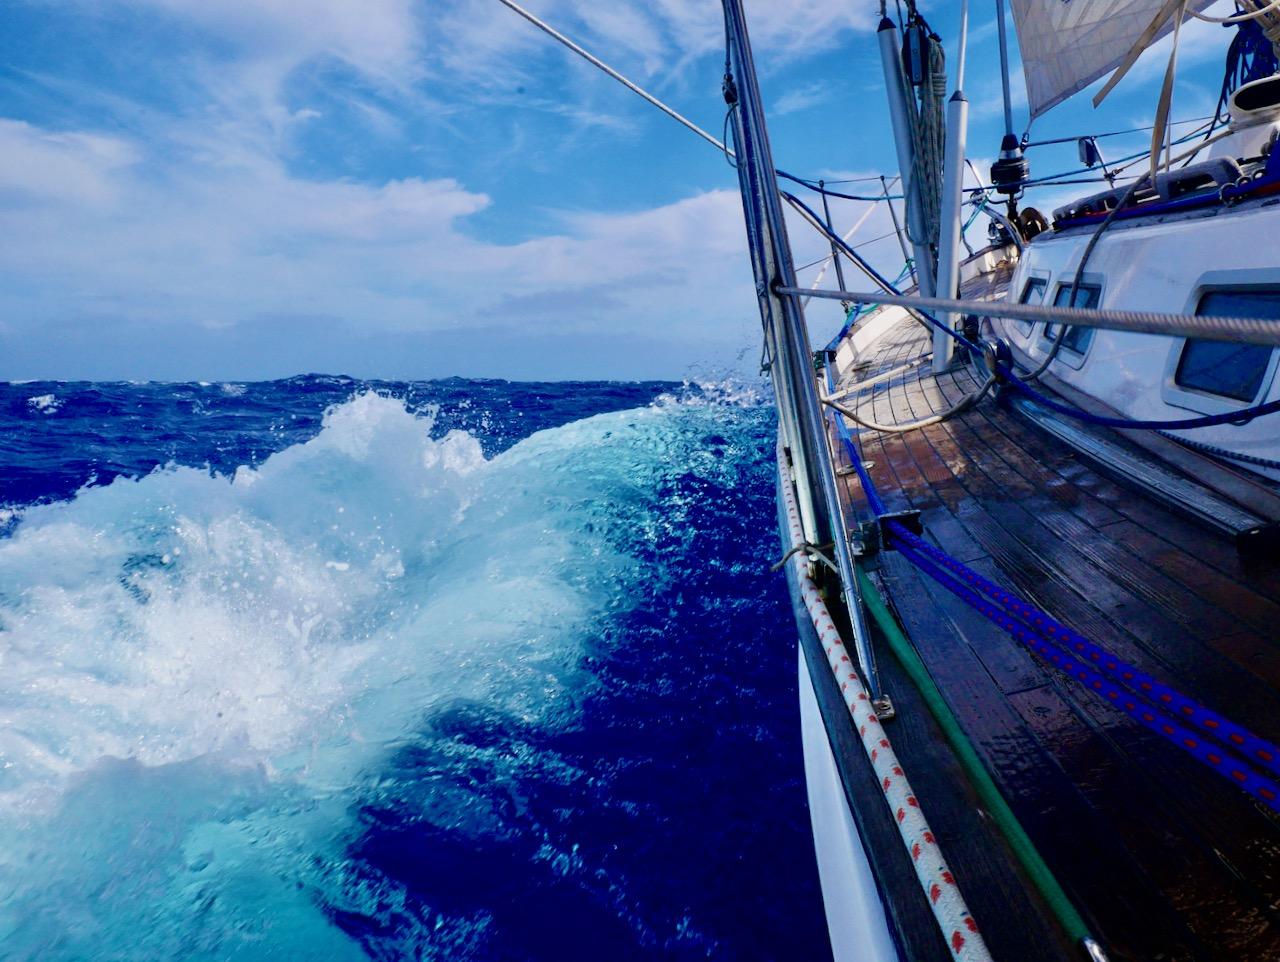 Tahiti again, boat projects AGAIN